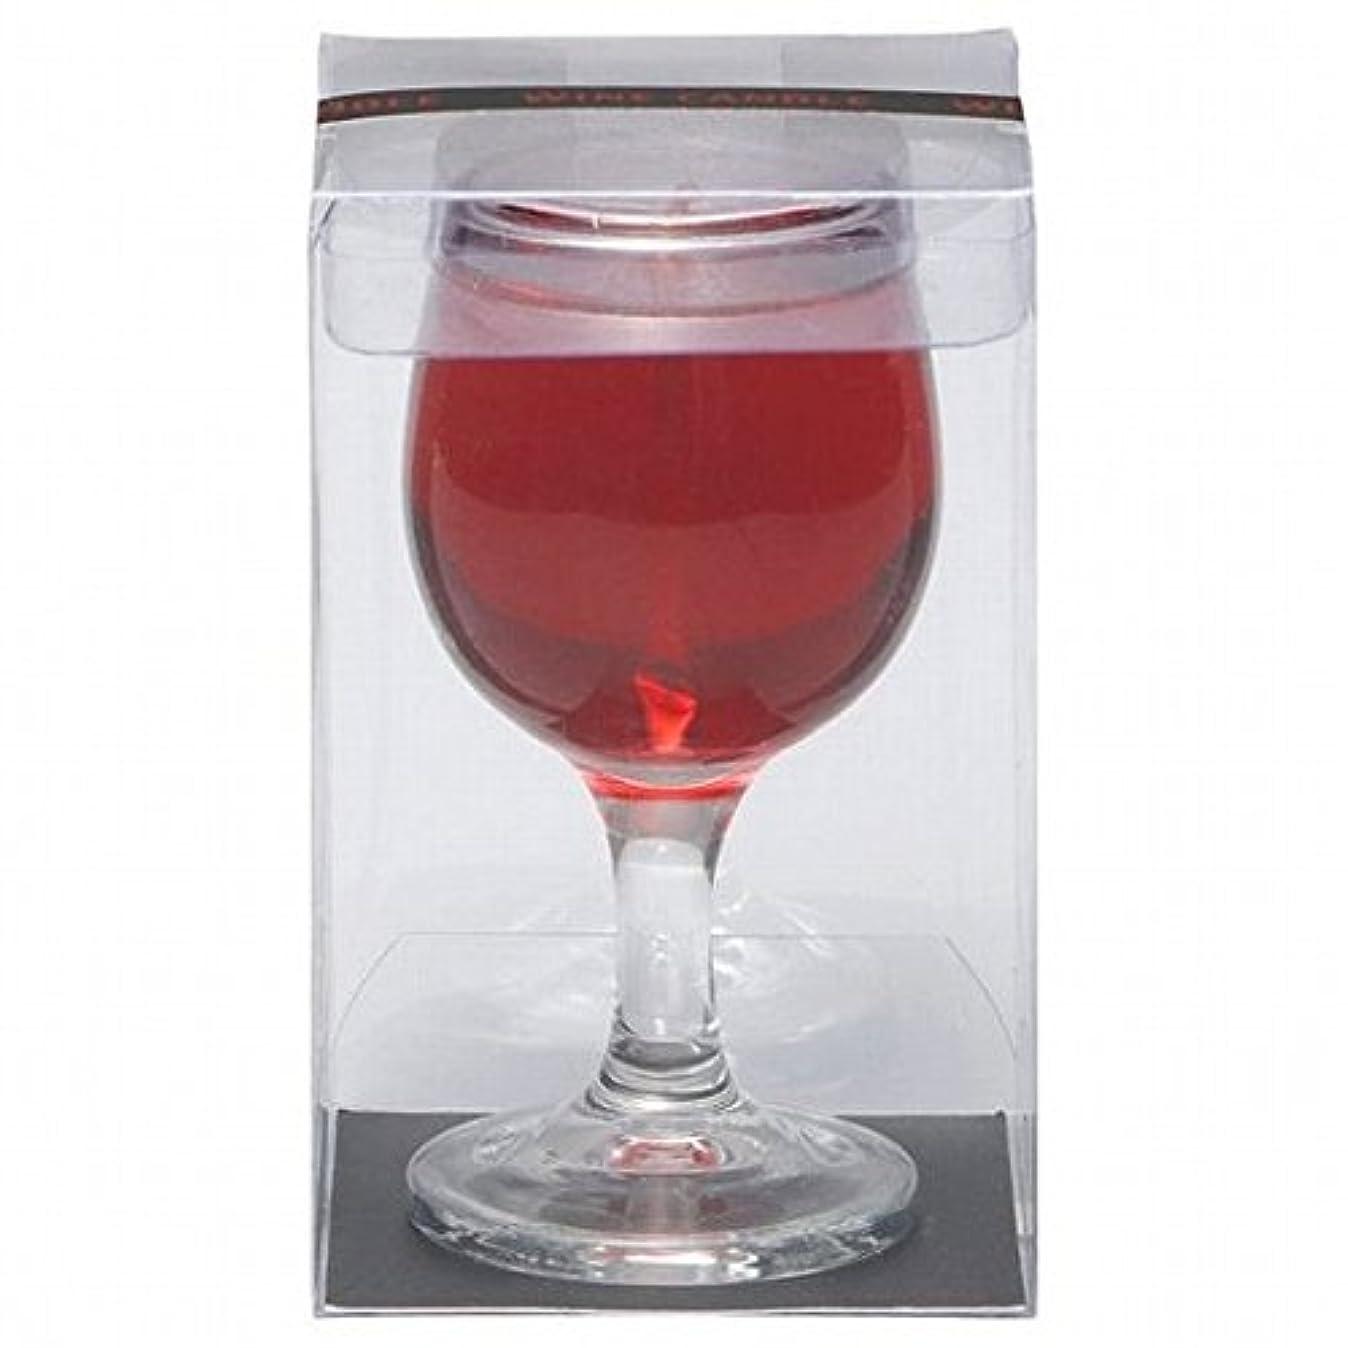 共感するスカートマインドkameyama candle(カメヤマキャンドル) ワインキャンドル(86260000)